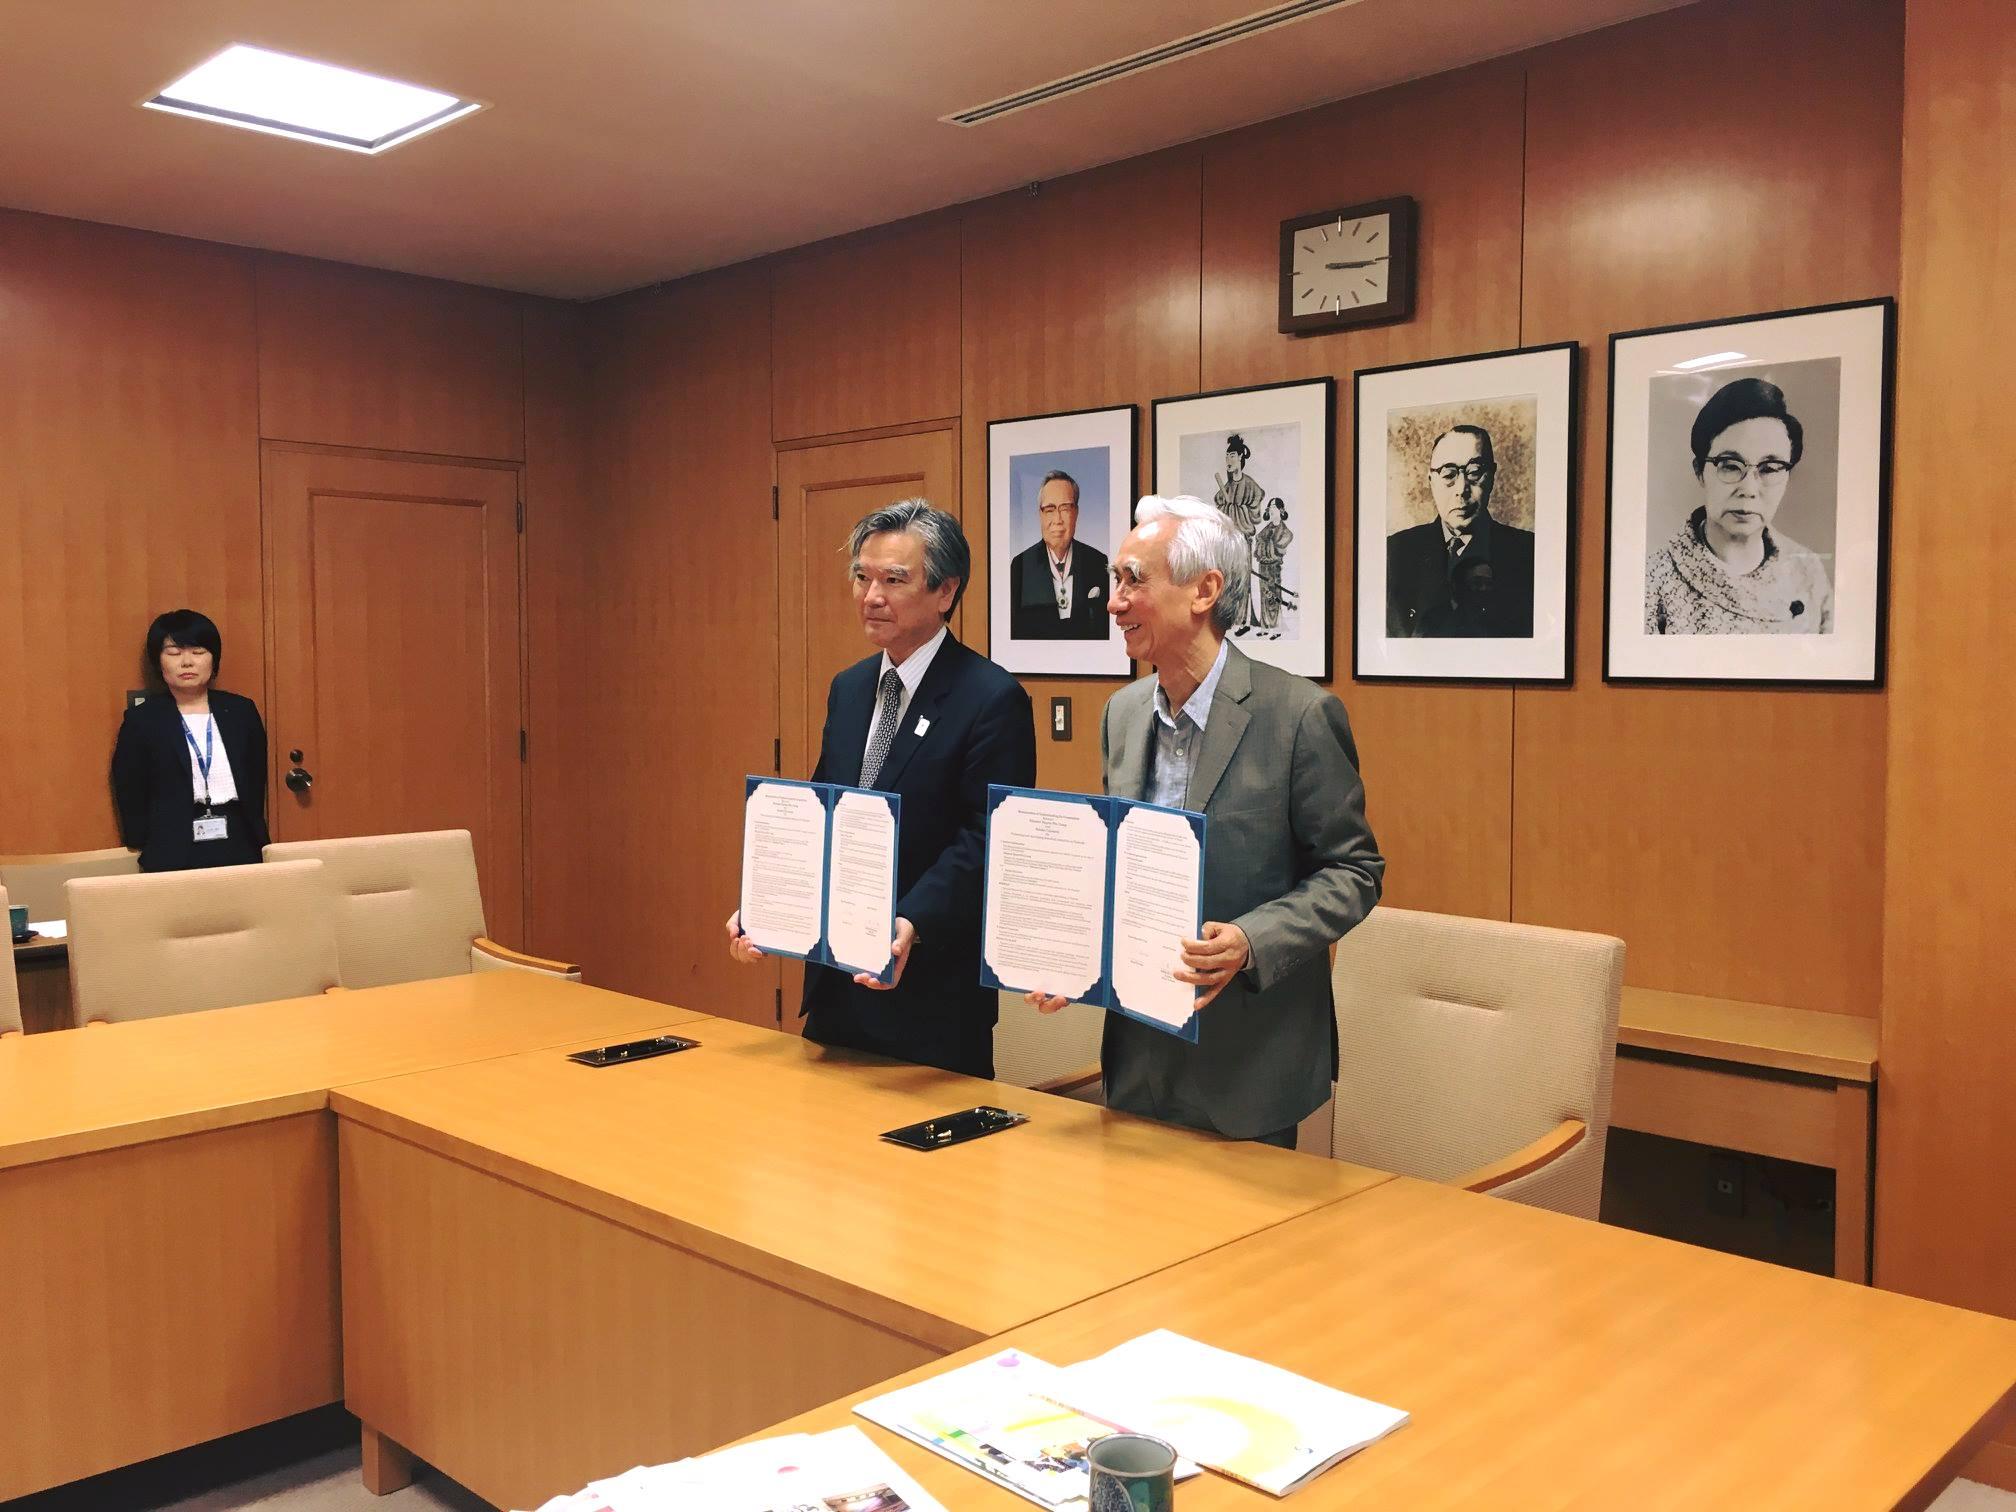 Tư vấn luật trong lĩnh vực giáo dục cho nhà đầu tư Nhật Bản